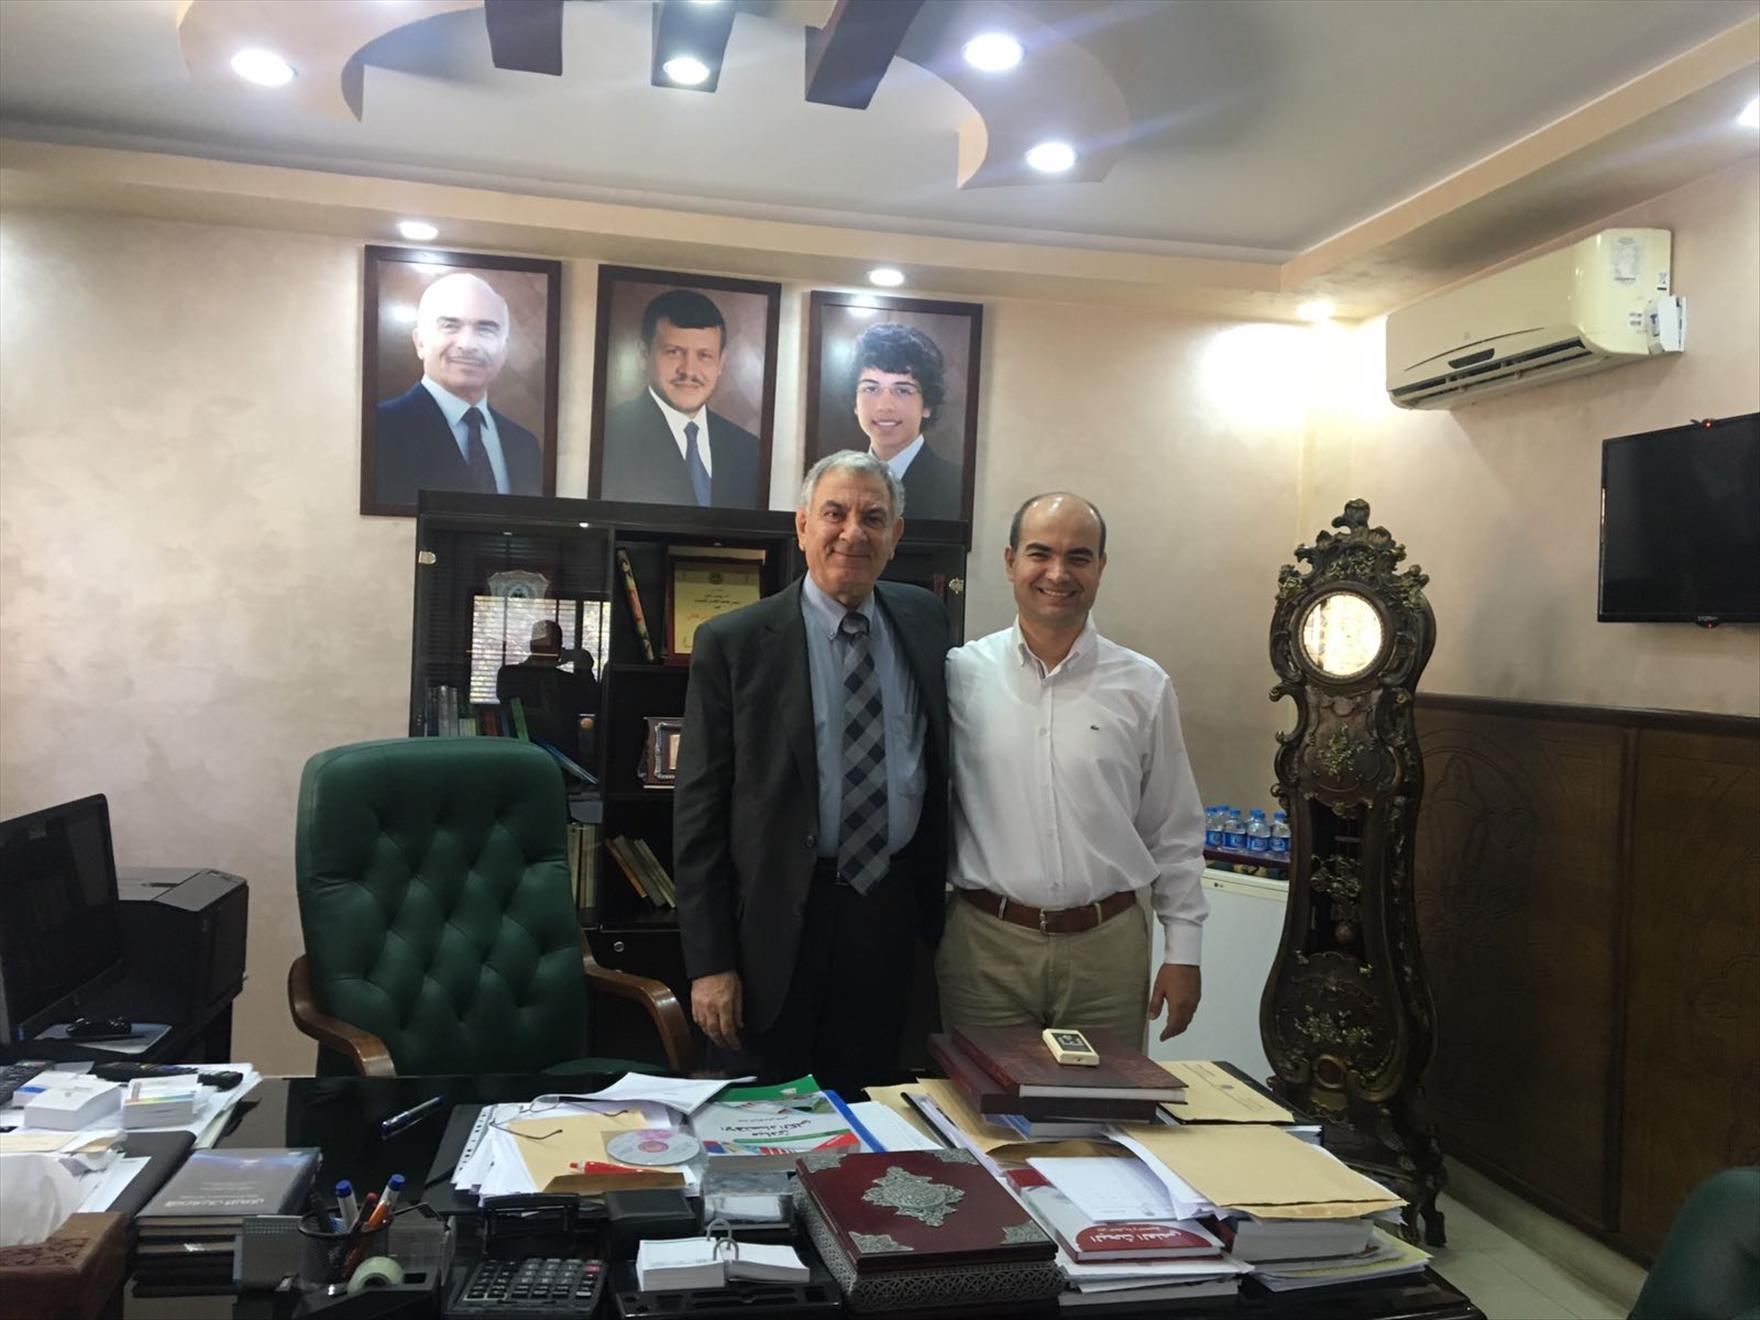 Pamukkale Üniversitesi ile Jerash Üniversitesi Arasında Mevlana Değişim Programı Protokolü İmzalandı 2. resim